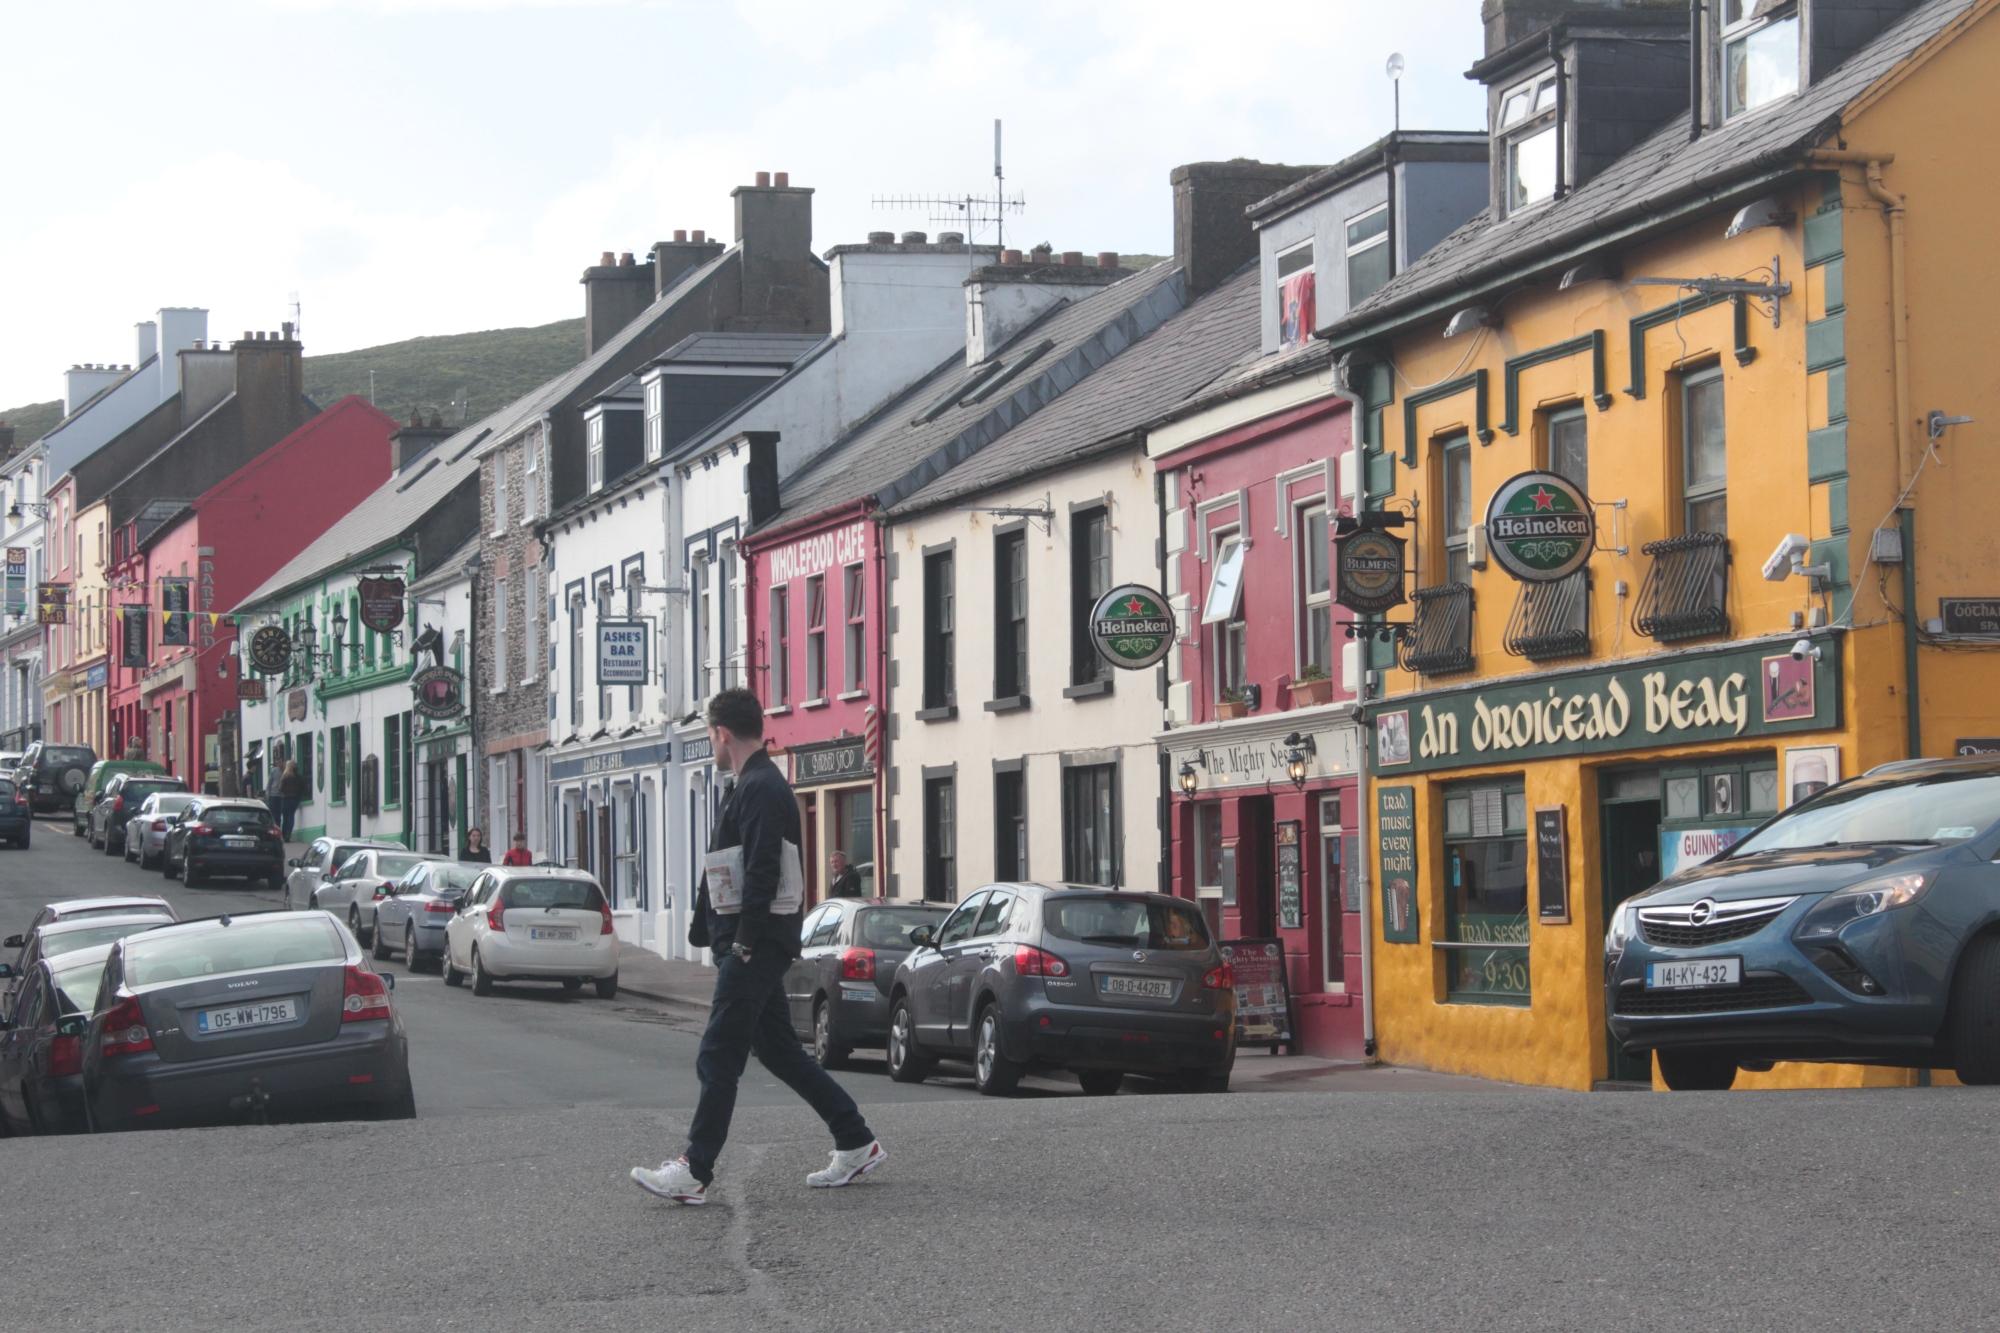 Dingle Ireland Pub, Public House, Dingle, Ireland, photography